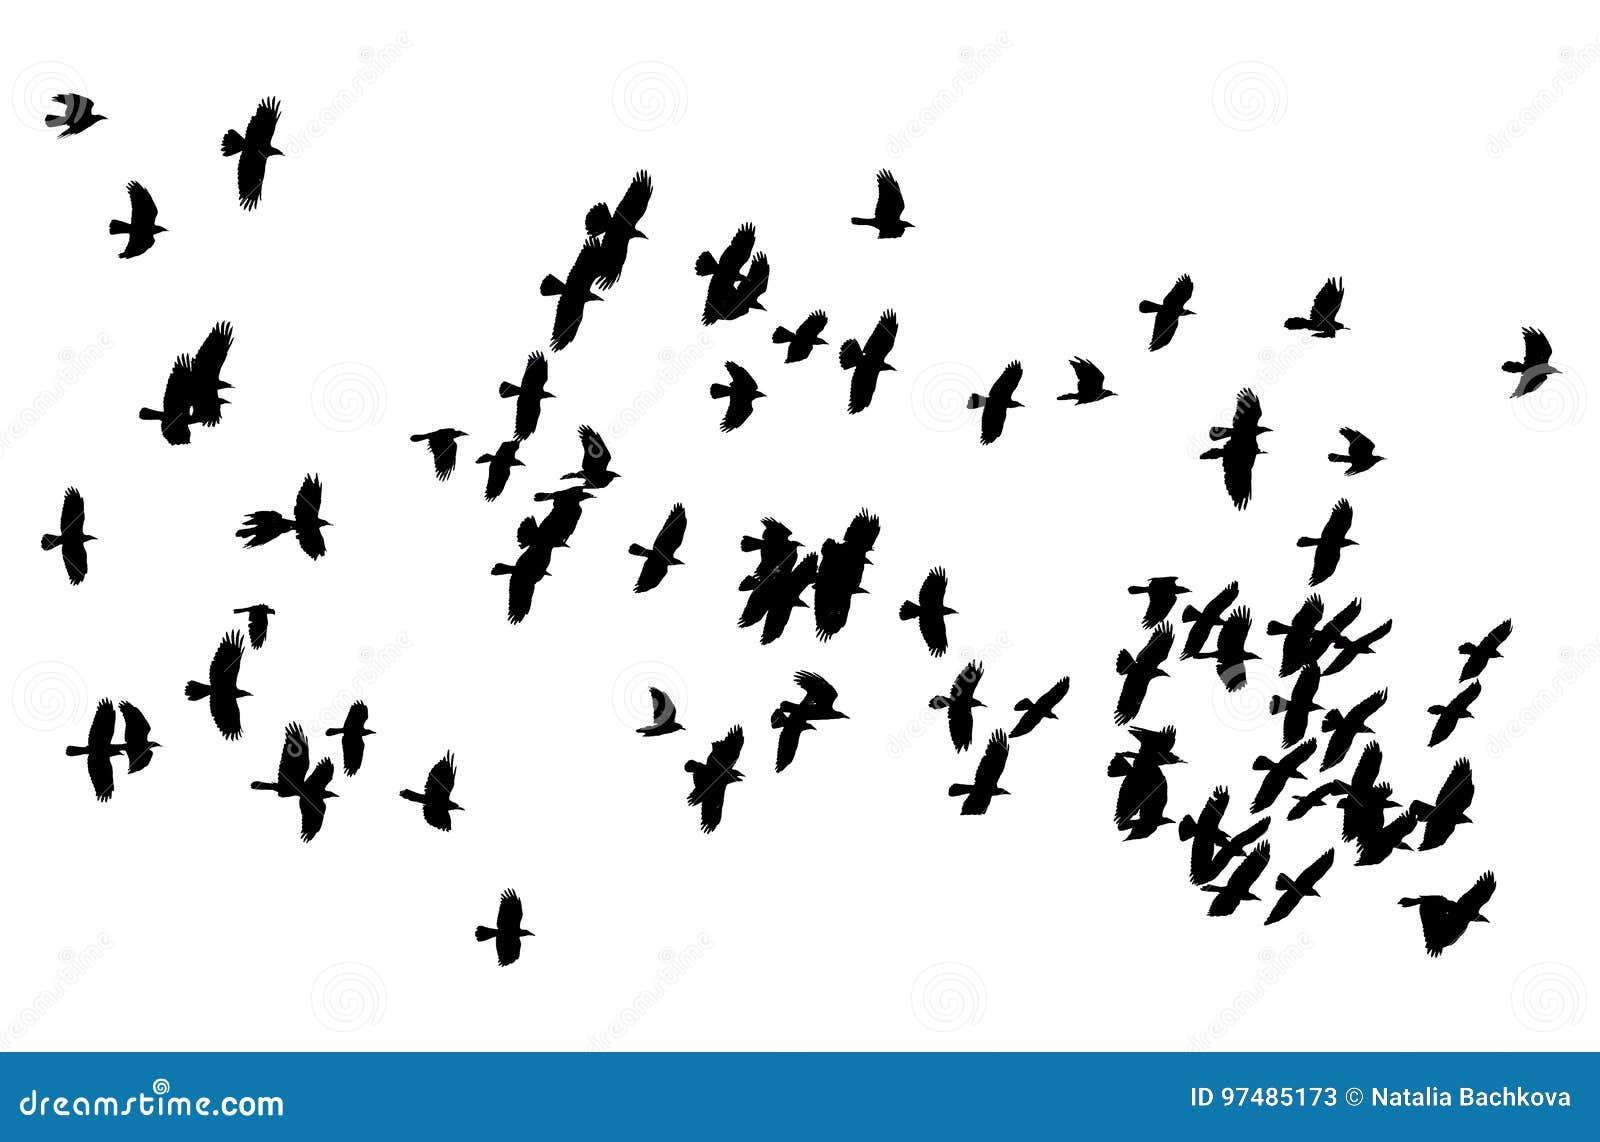 μεγάλο λευκό πουλί vs μεγάλο μαύρο πουλί